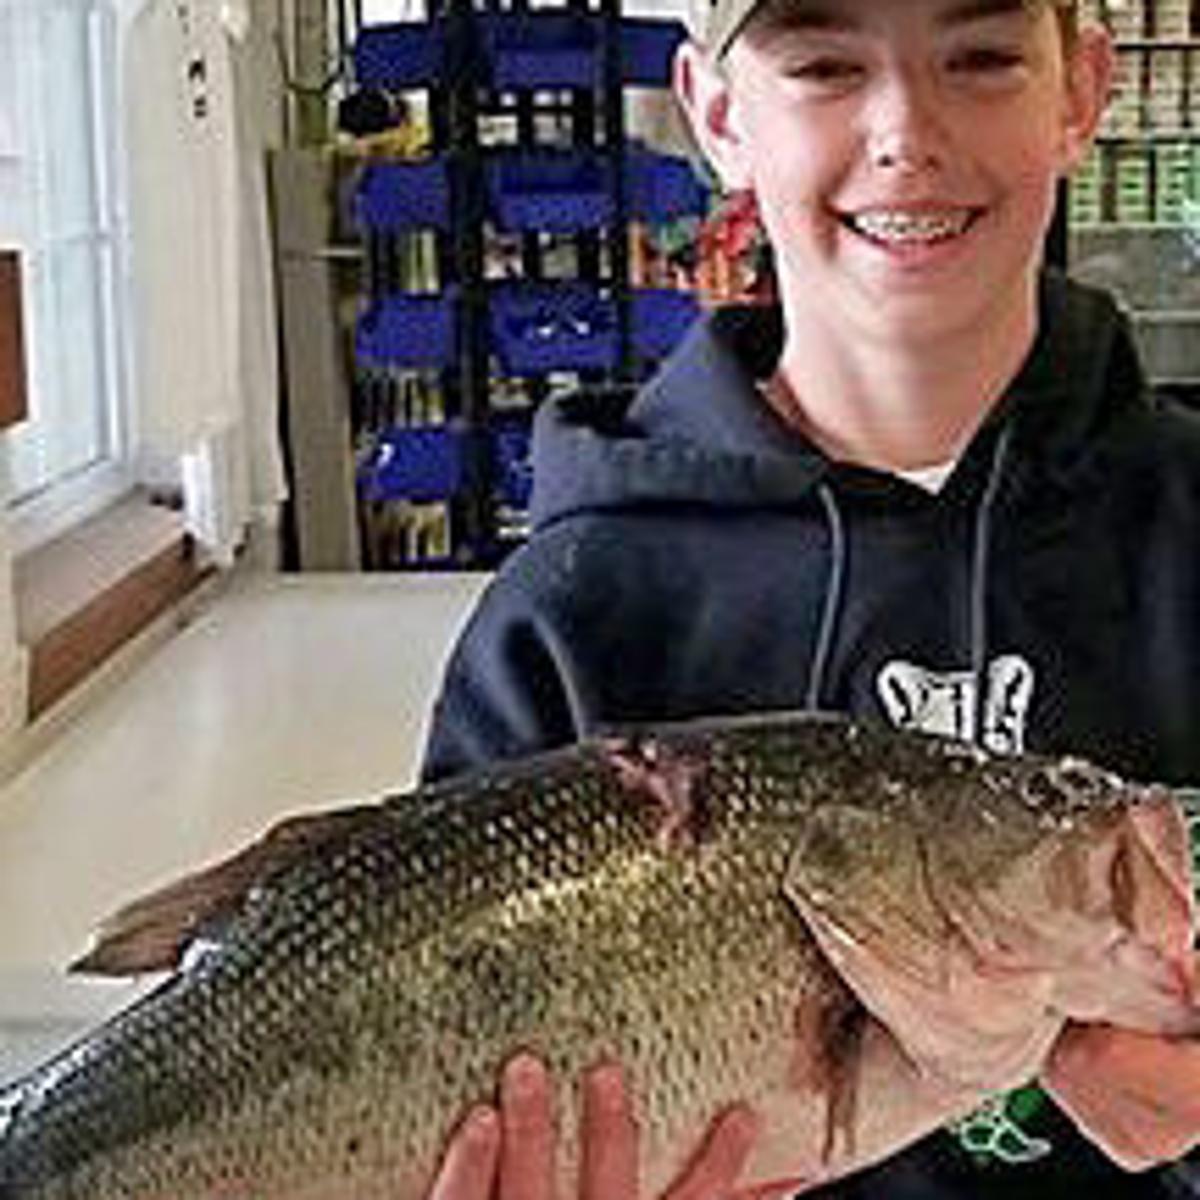 Montana fishing report: Rainbows cruising shorelines